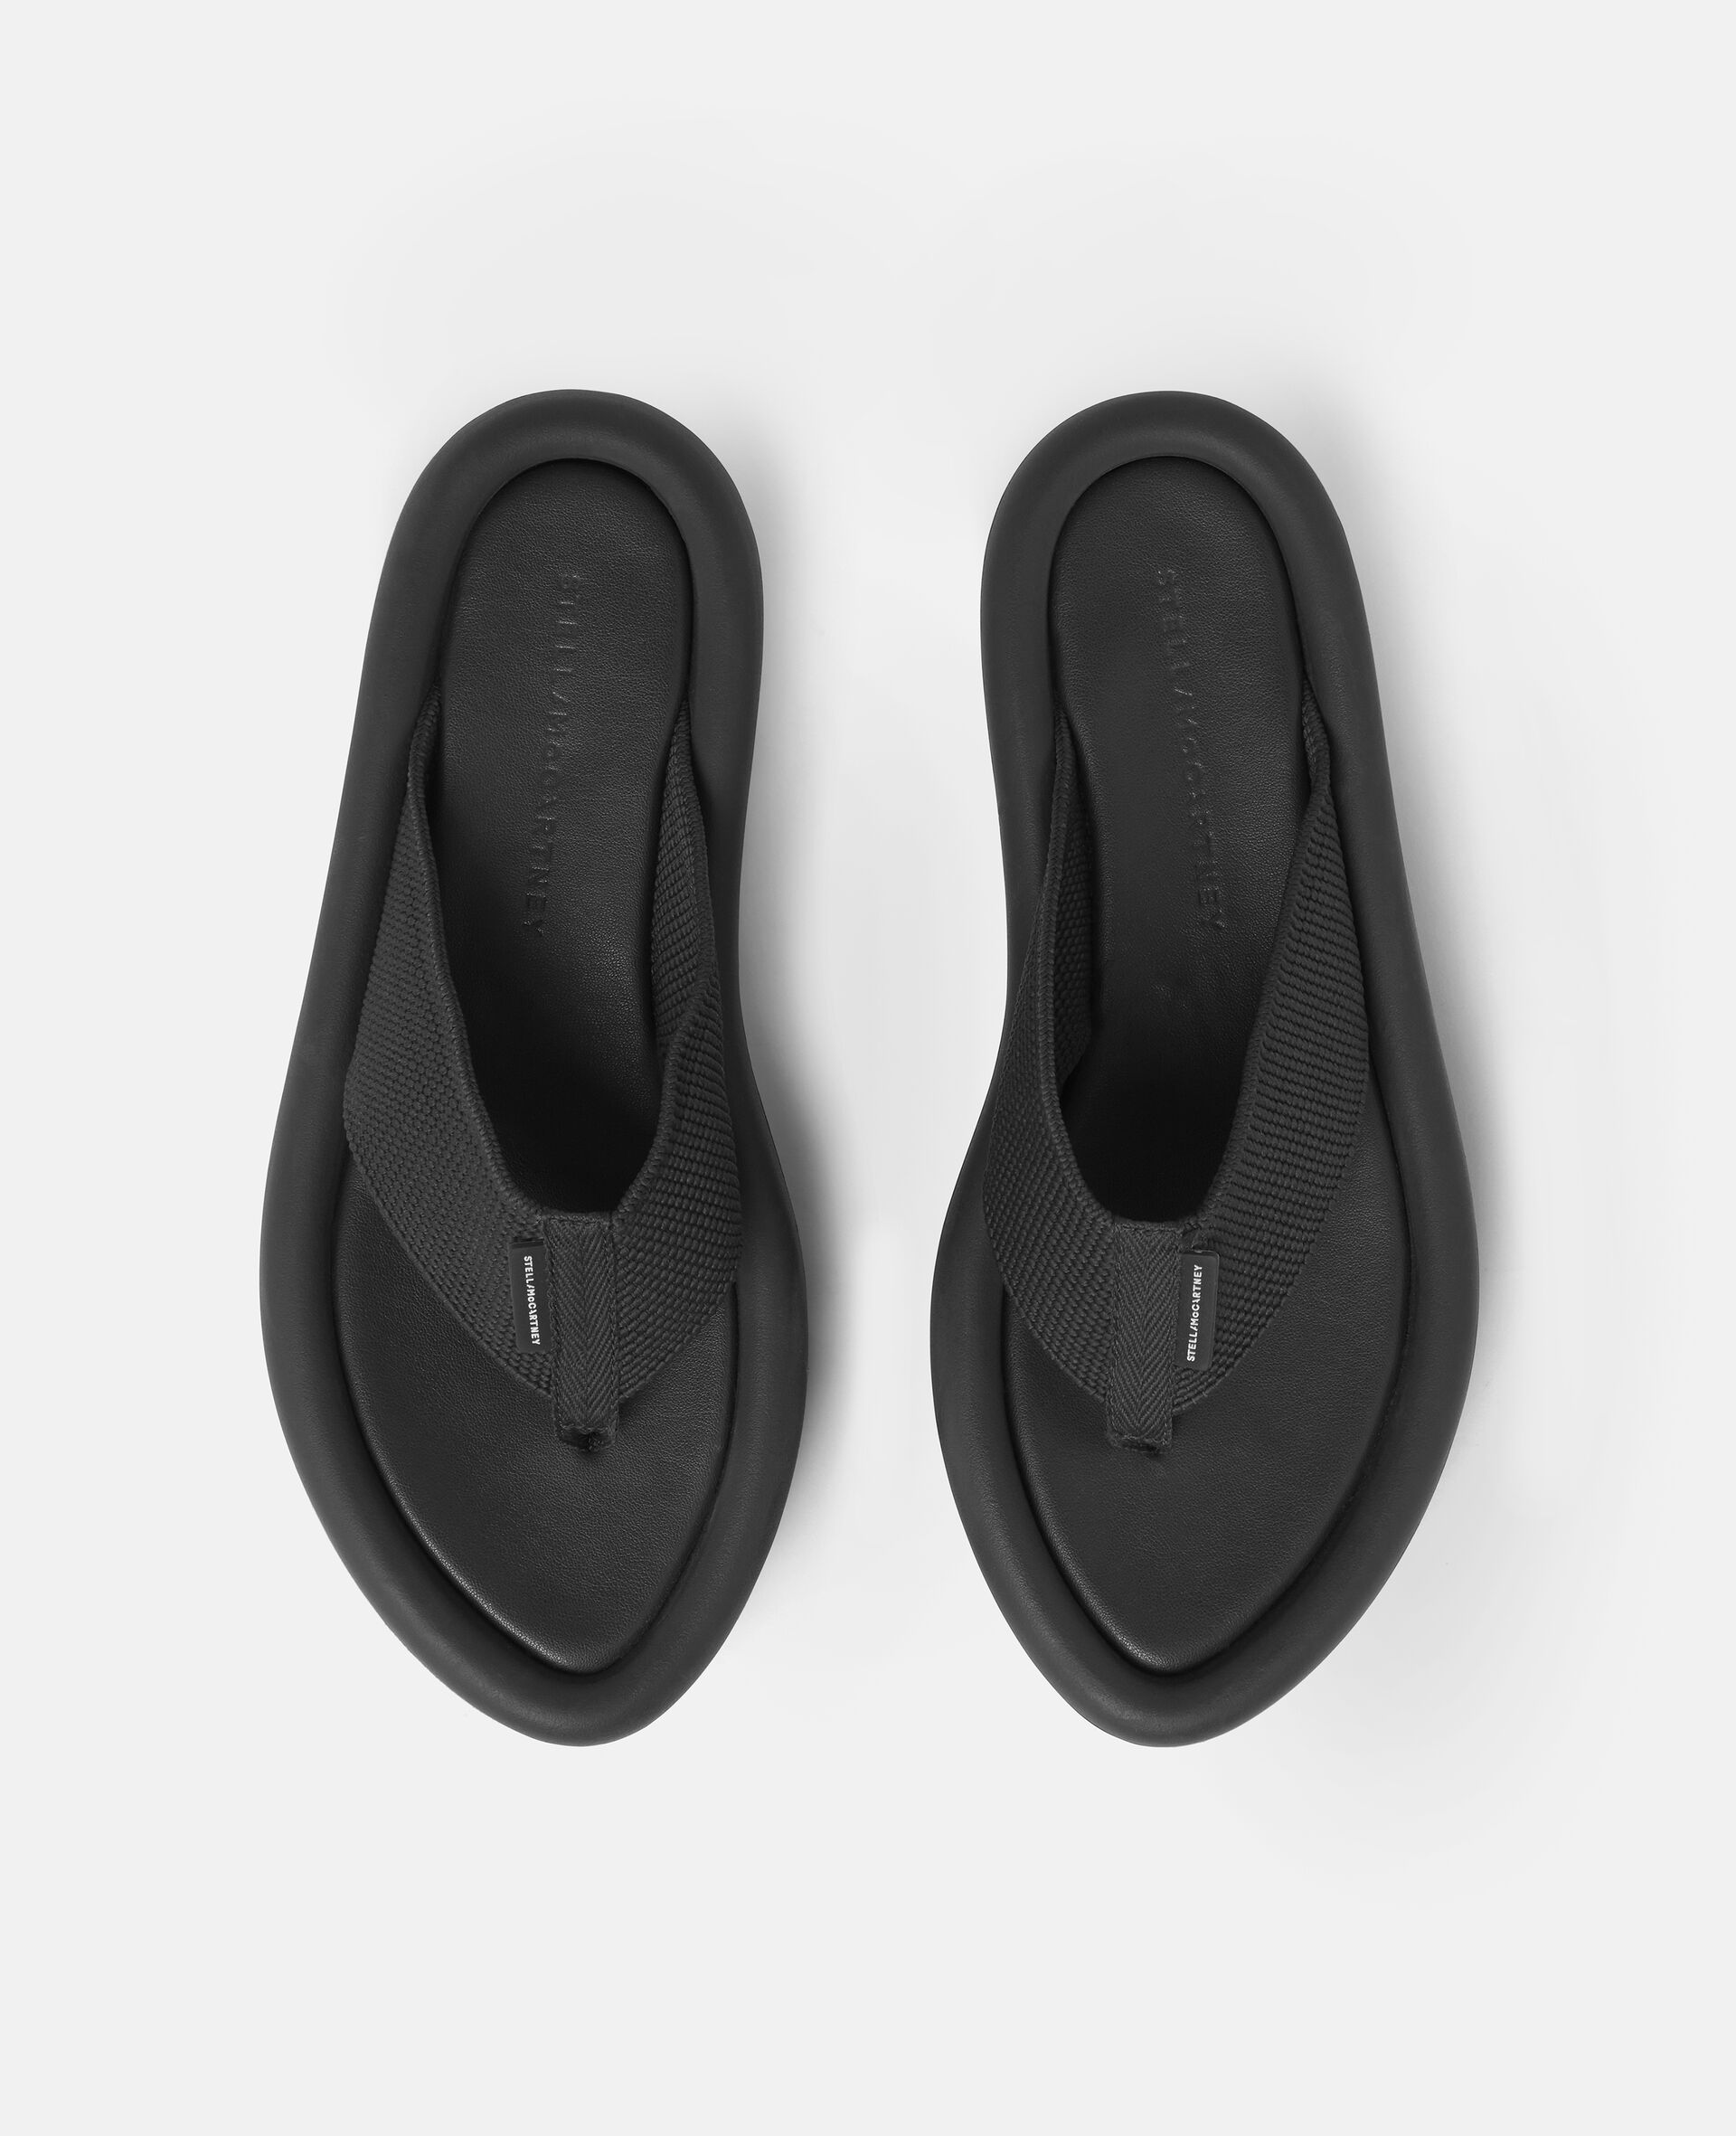 Air Slide -黑色-large image number 3